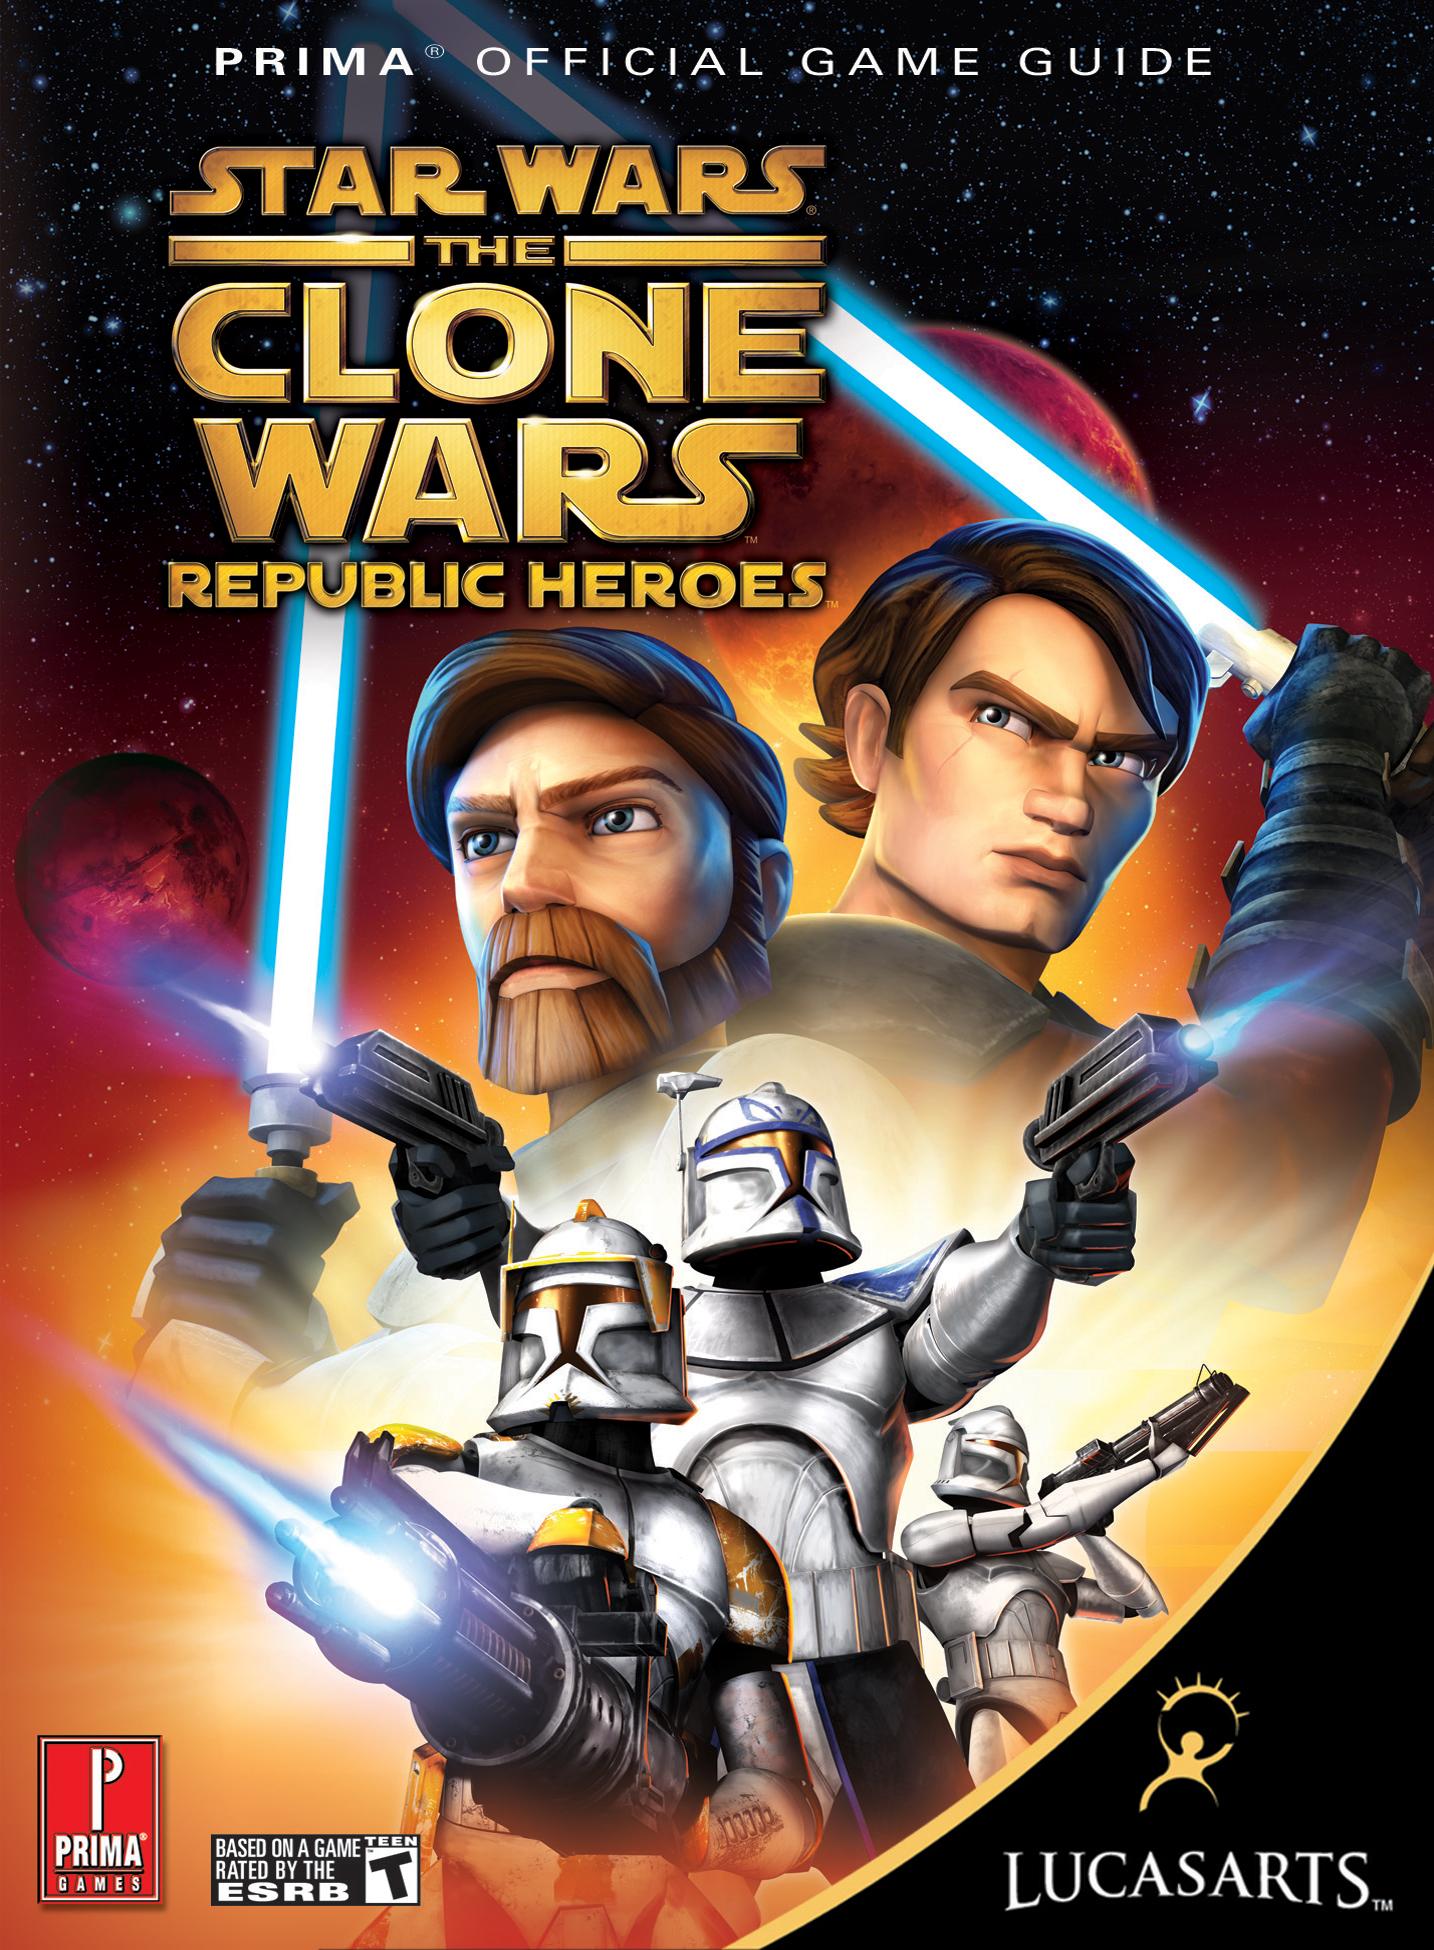 talkstar wars the clone wars republic heroes prima